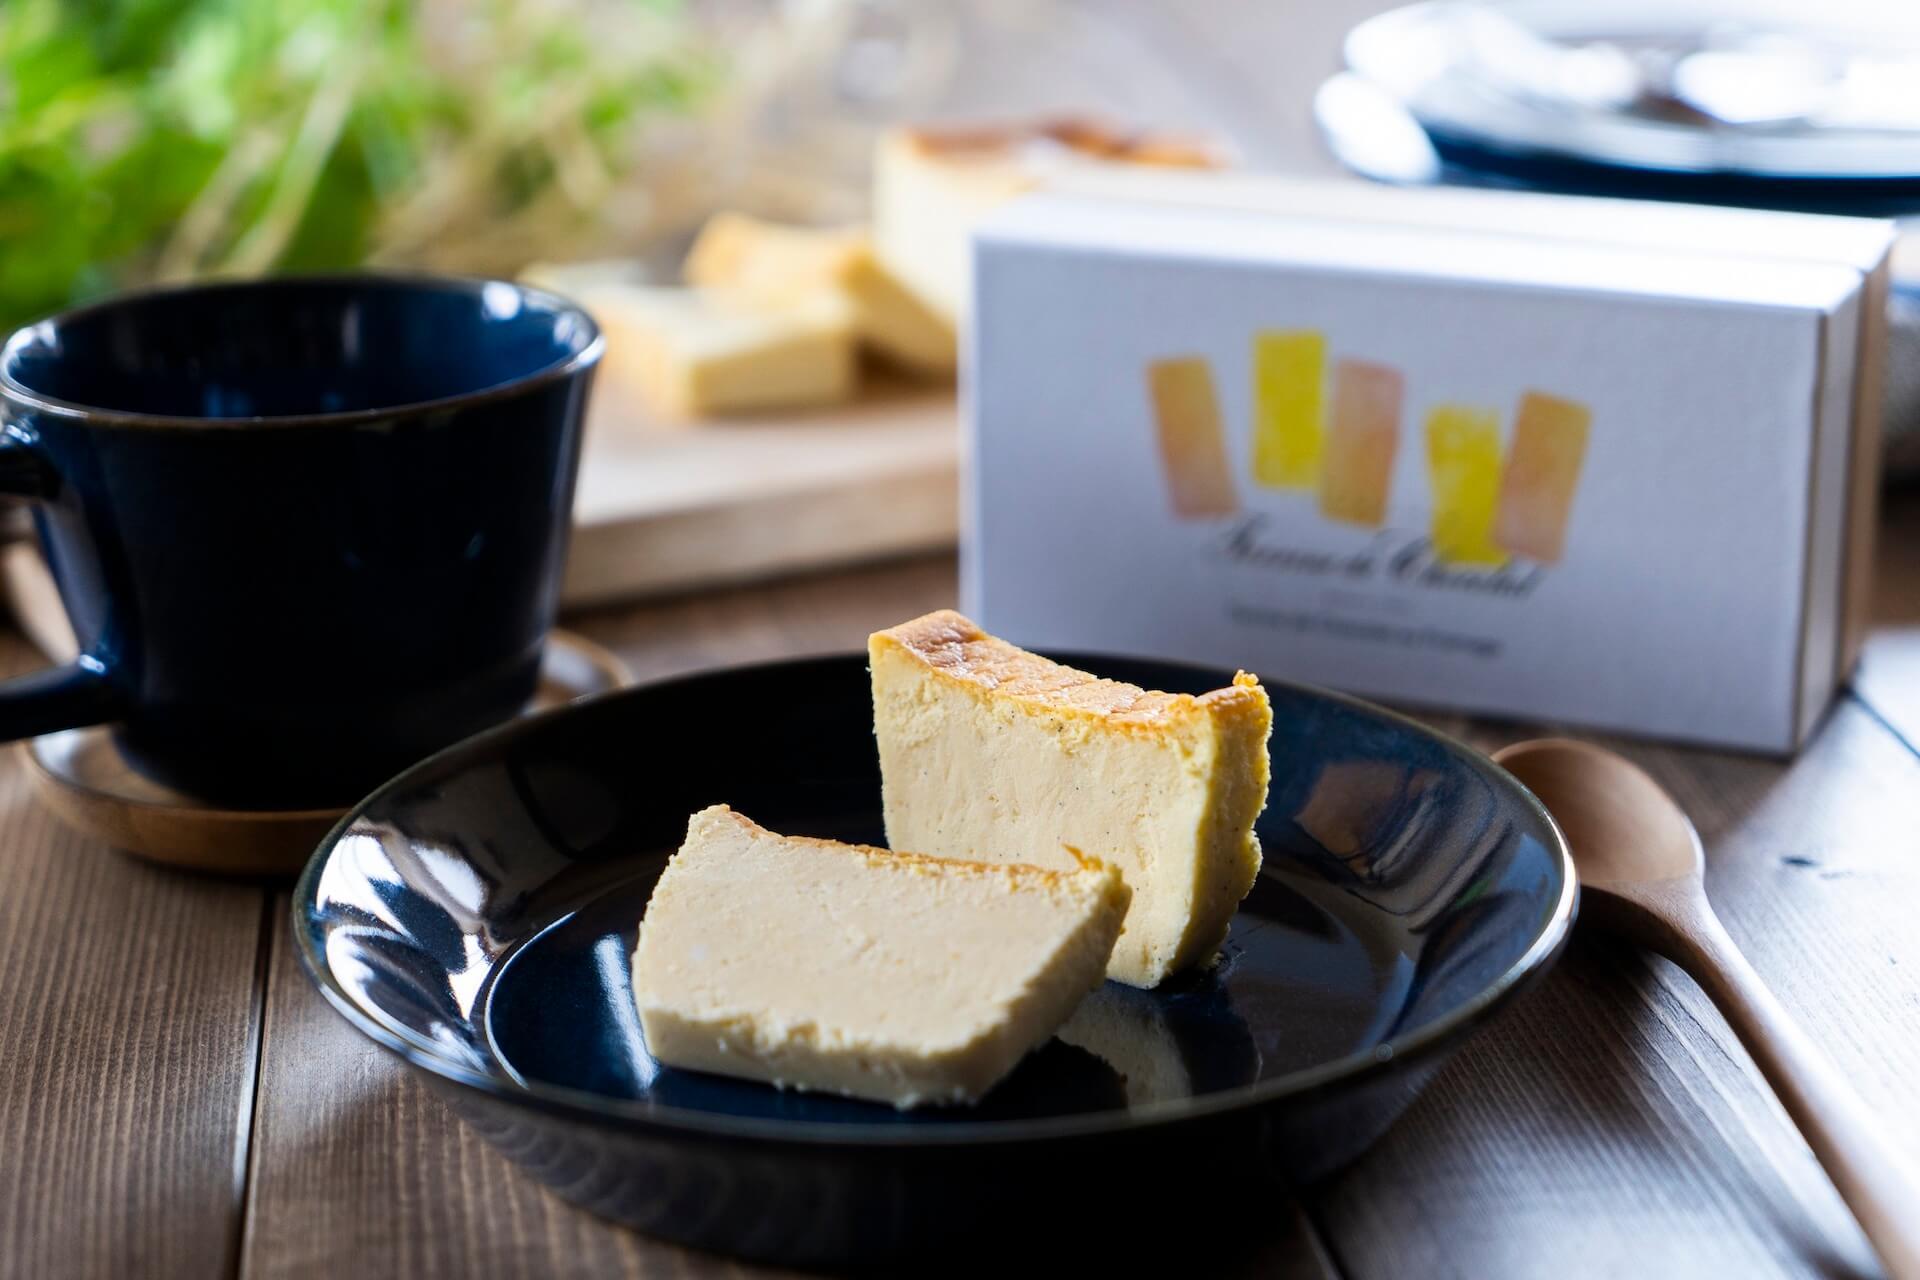 ベイク、レアチーズ2つの食感が楽しめるフロマージュがル コキヤージュの「テリーヌ ドゥ ショコラシリーズ」に新登場! gourmet_terrinedechocolat_01